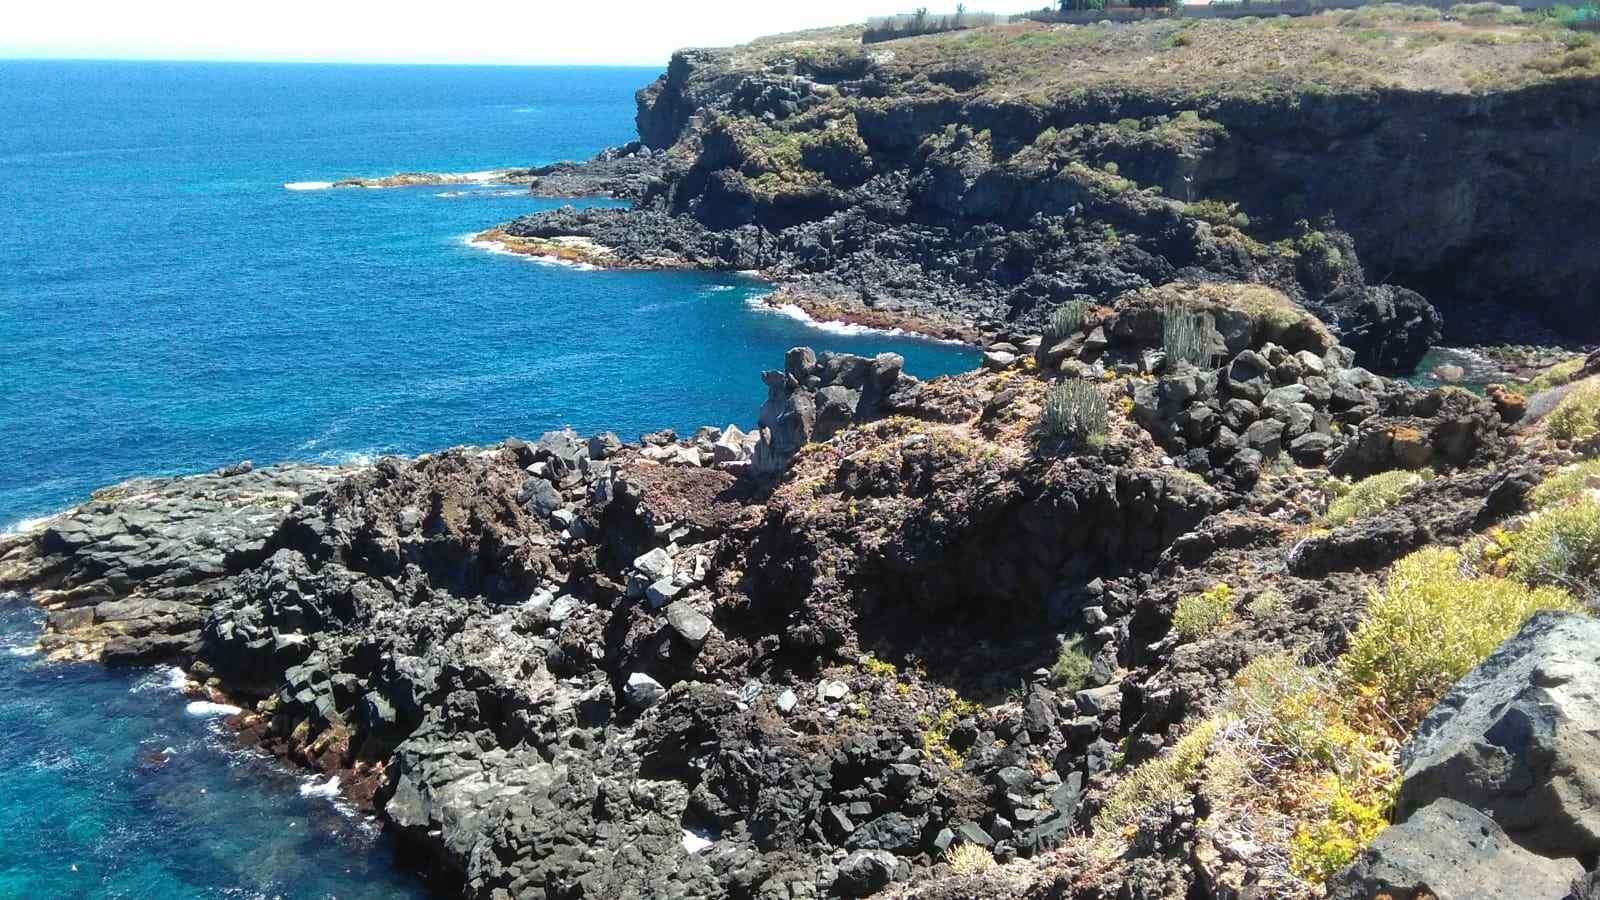 Panorámica del litoral desde el sendero en Buenavista del Norte